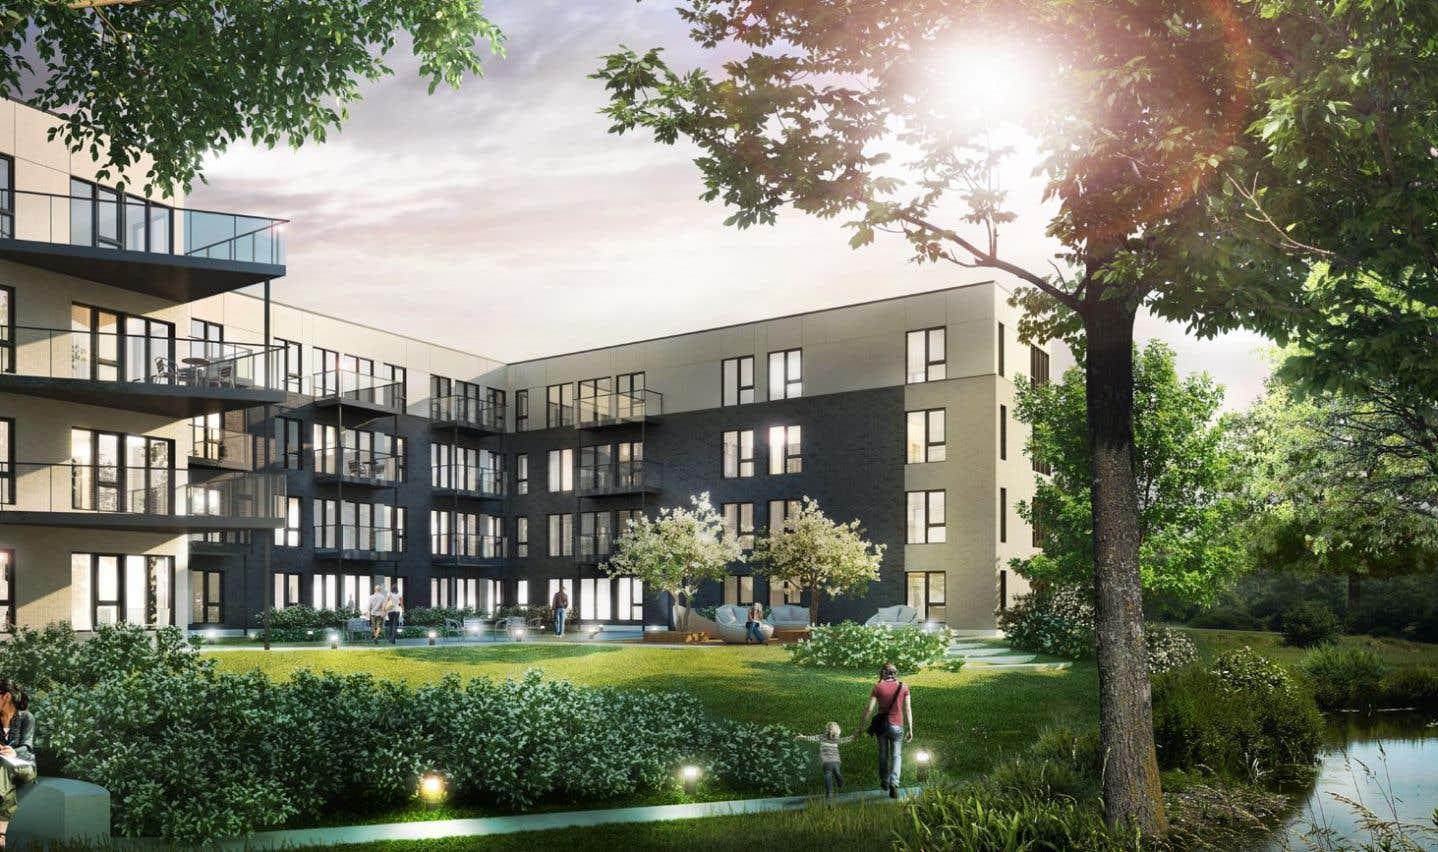 Située à quelques pas d'un vaste parc traversé d'un ruisseau et orienté vers une cour intérieure, cette dernière phase du projet comprendra 71 habitations.